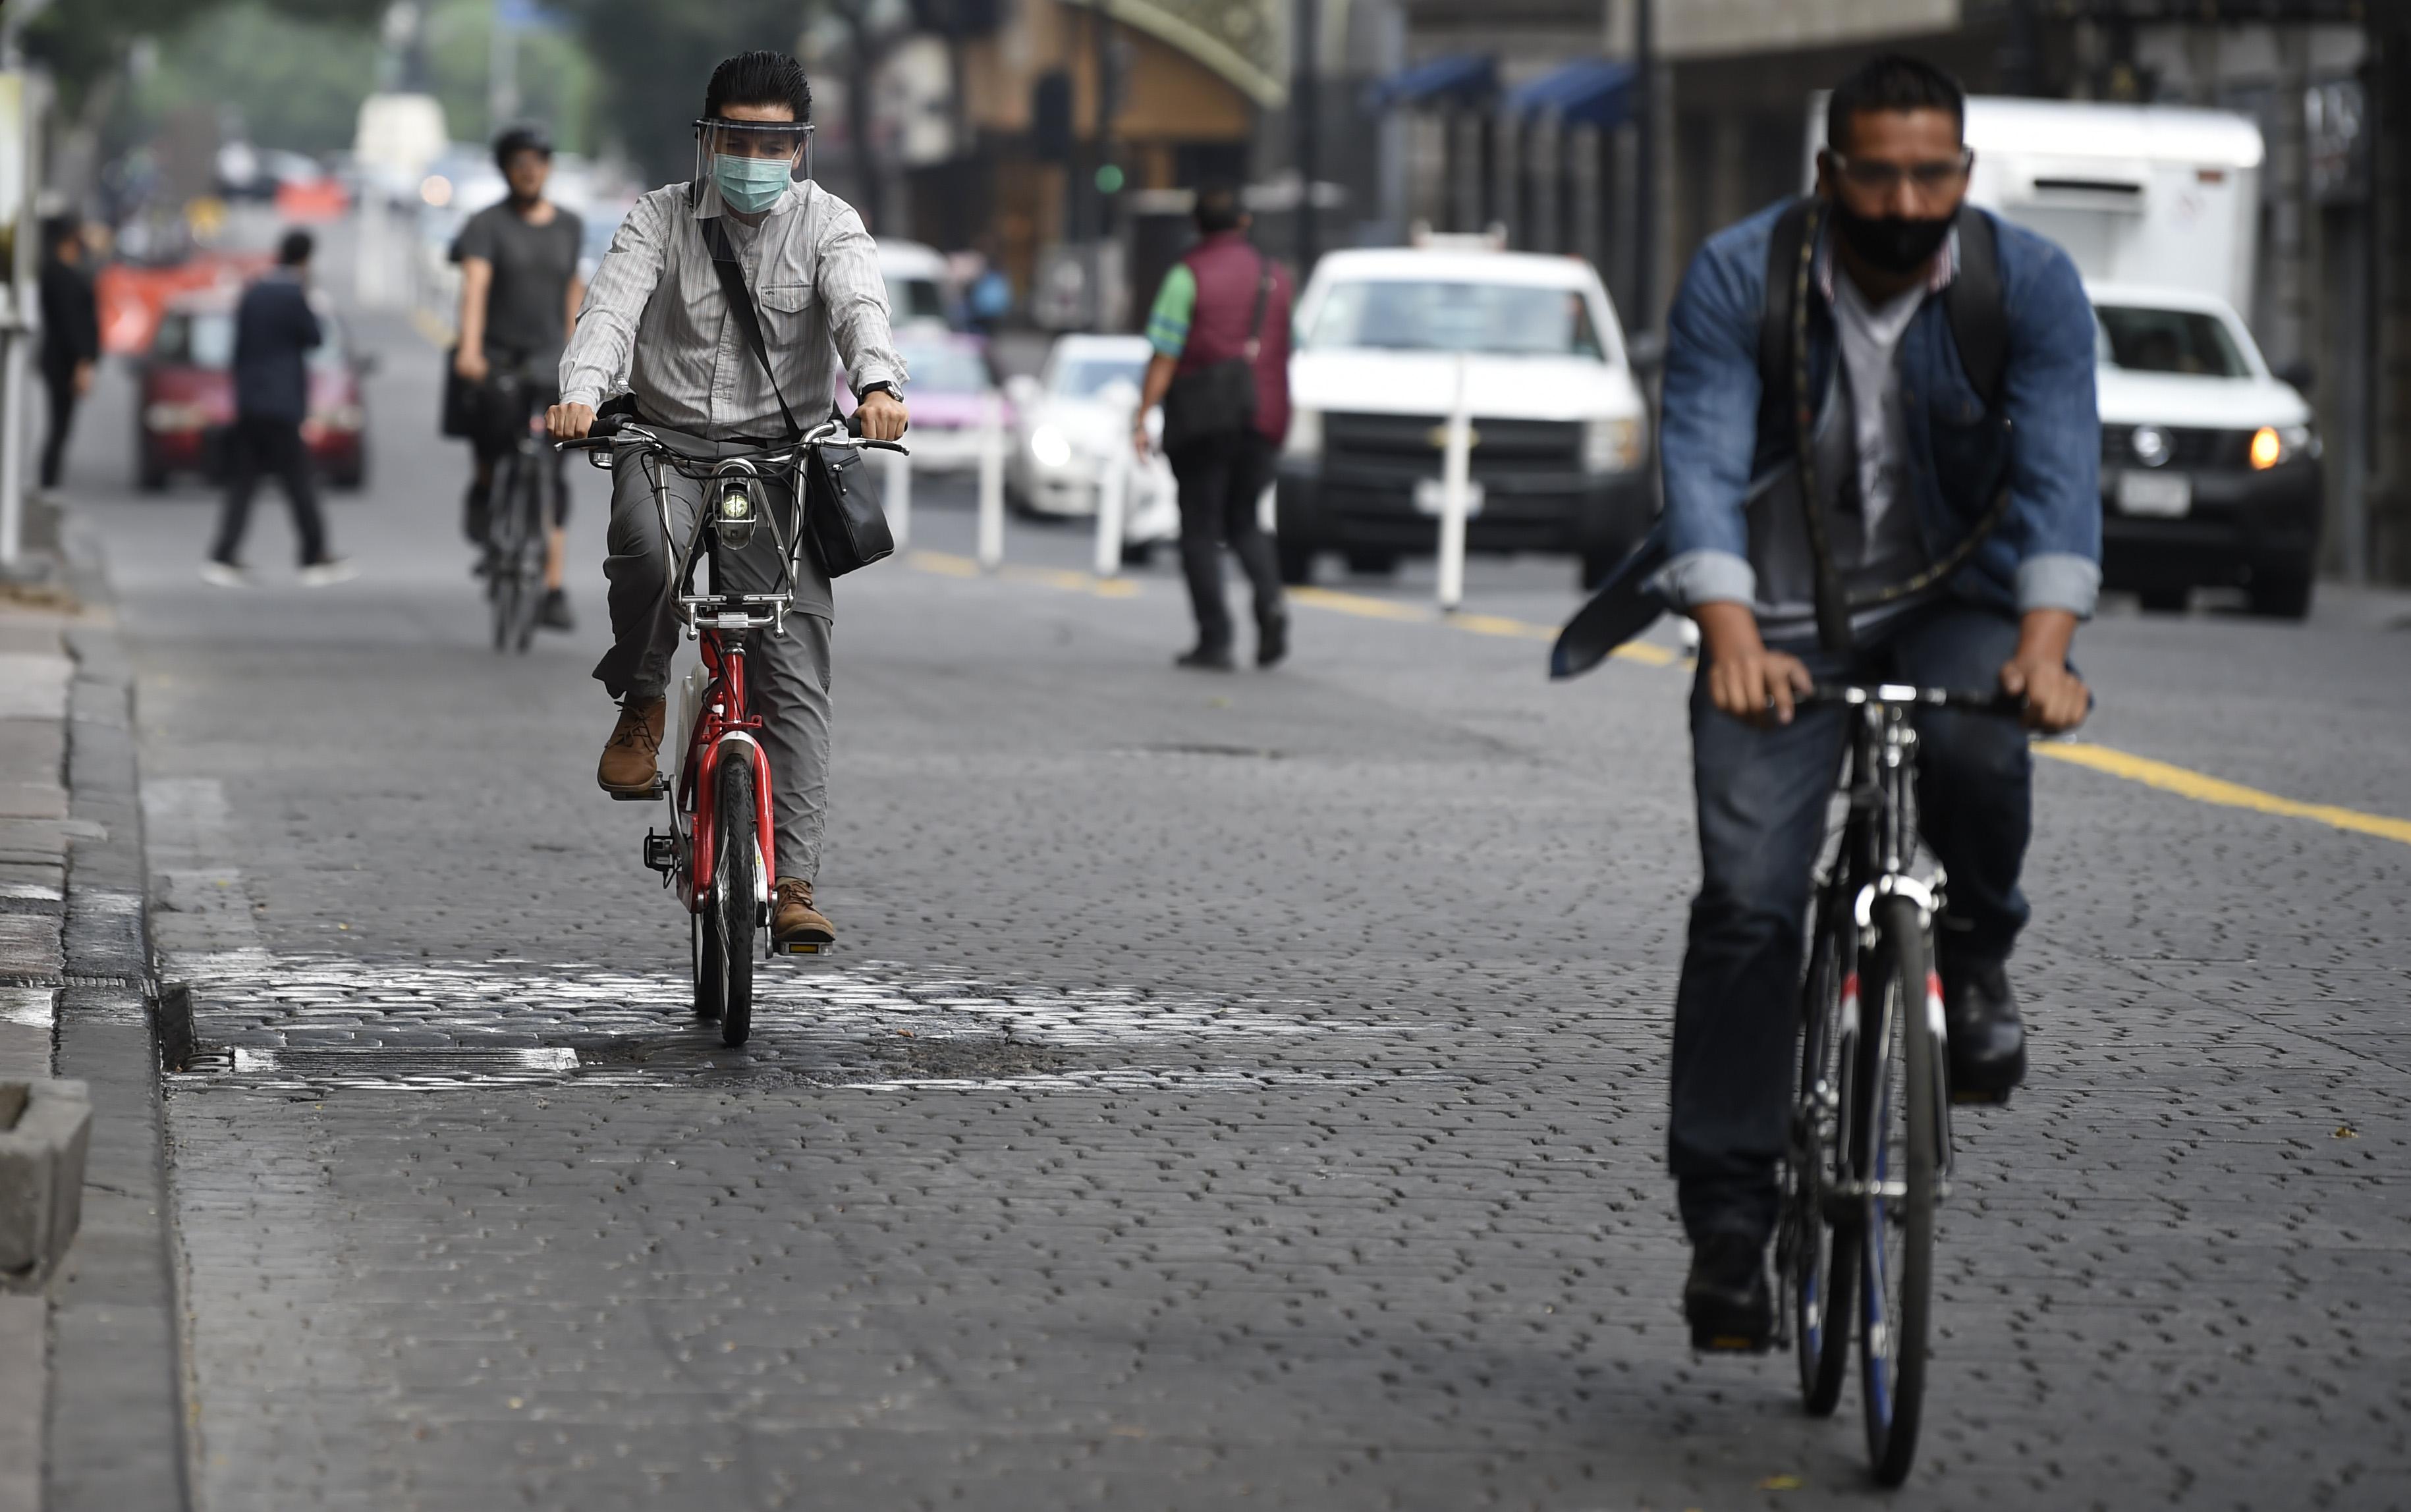 La gente viaja en una calle en el centro histórico de la Ciudad de México habilitada para ciclistas y peatones, como parte de las medidas de reapertura adoptadas por el gobierno el 29 de junio de 2020 durante la pandemia COVID-19. (Foto: ALFREDO ESTRELLA / AFP)